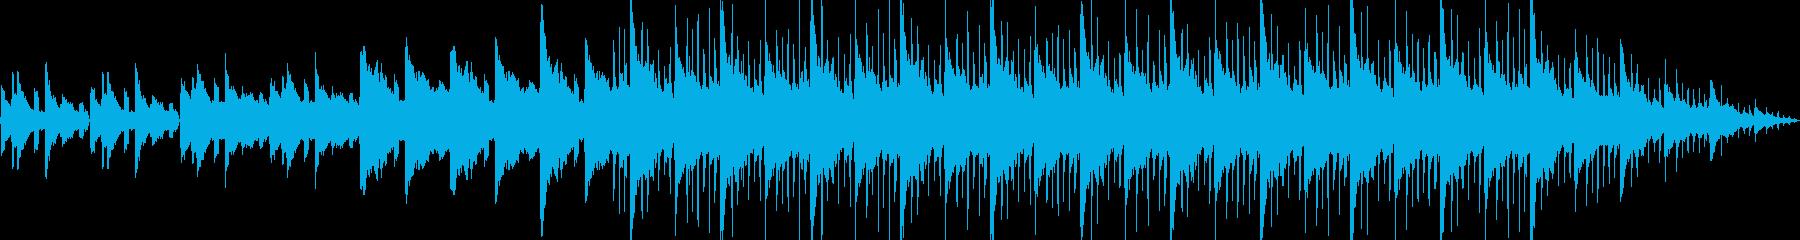 ポップとロックの背景。簡単です。の再生済みの波形